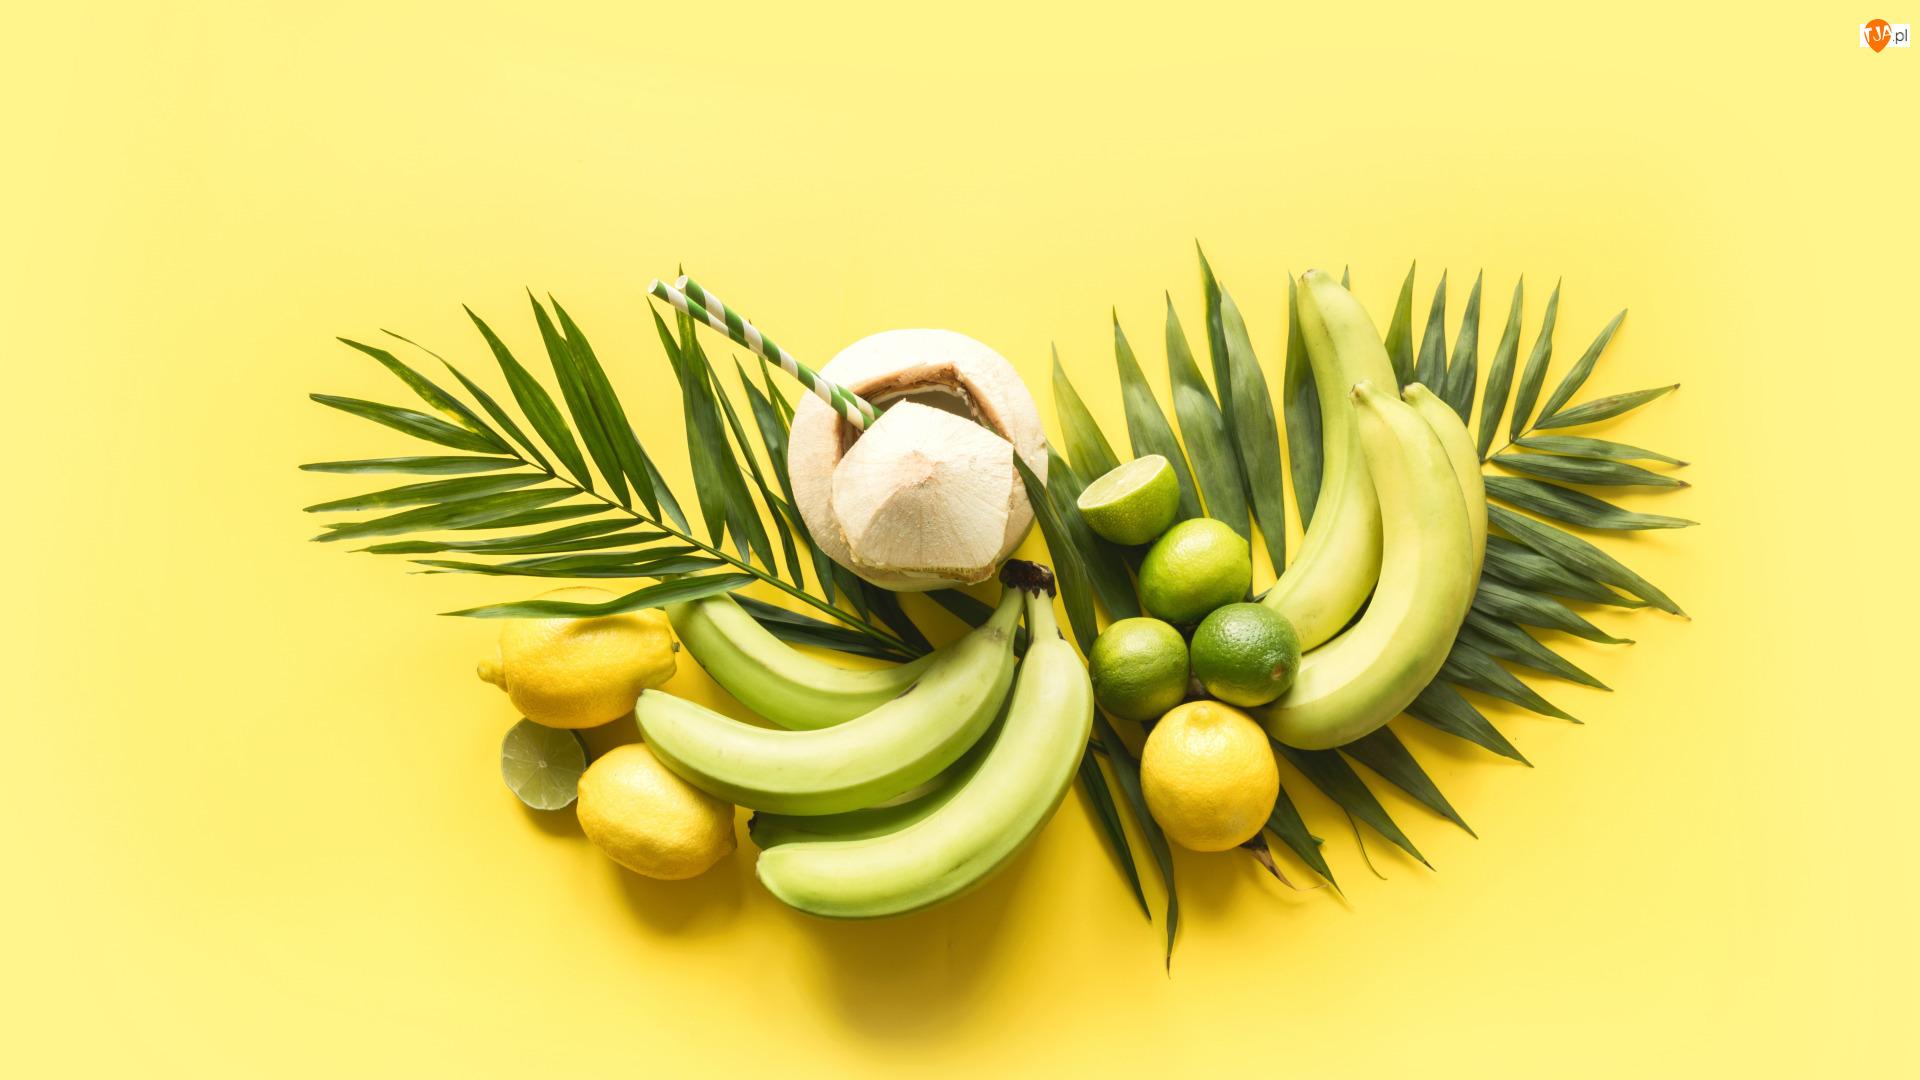 Banany, Liście, Cytryny, Limonki